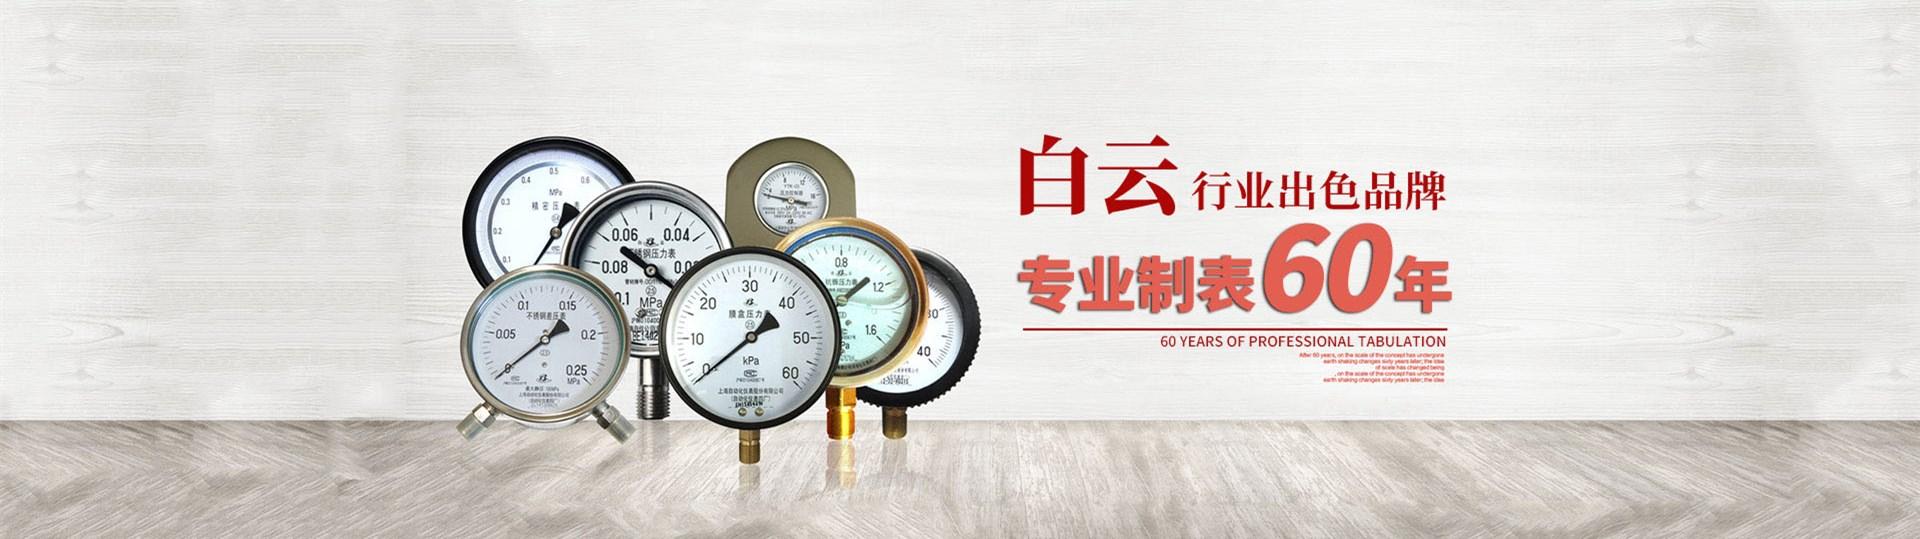 上海自动化仪表四厂